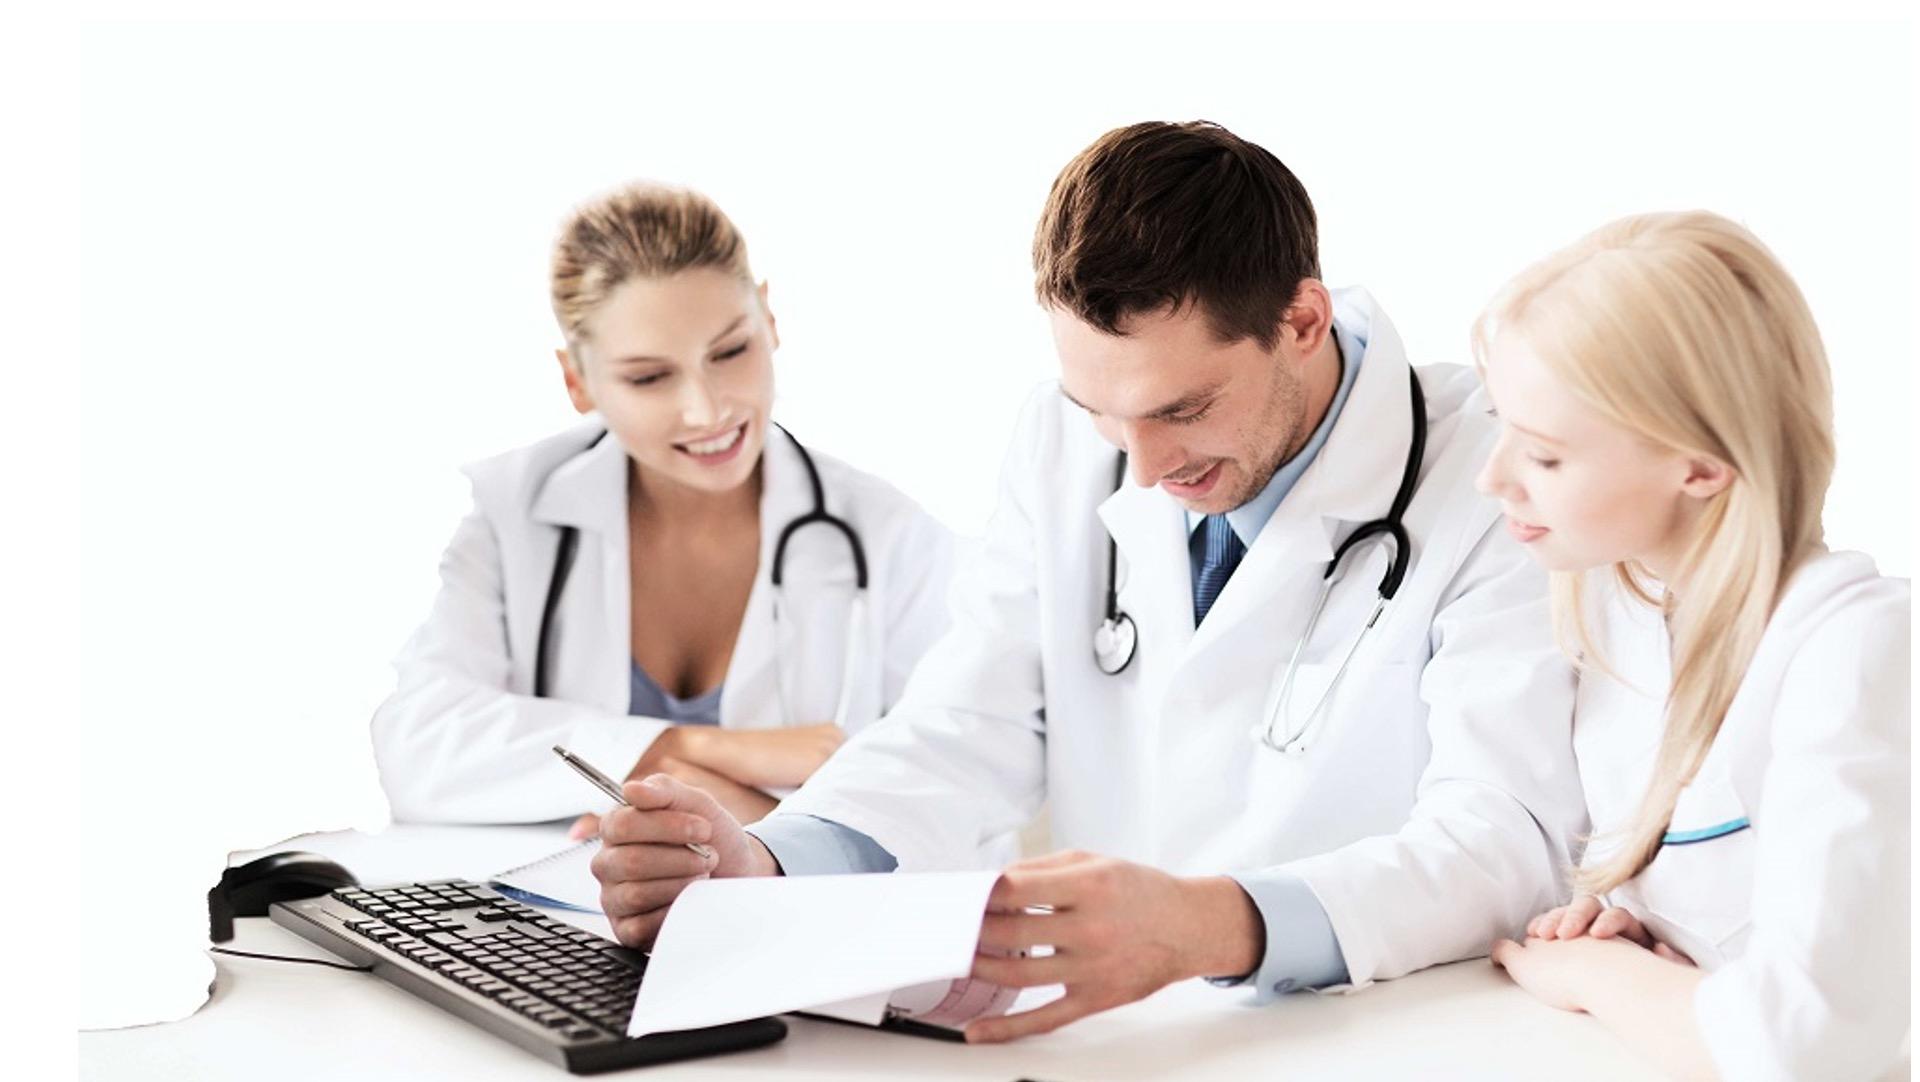 Unternehmensberatung im Gesundheitswesen aus Mannheim